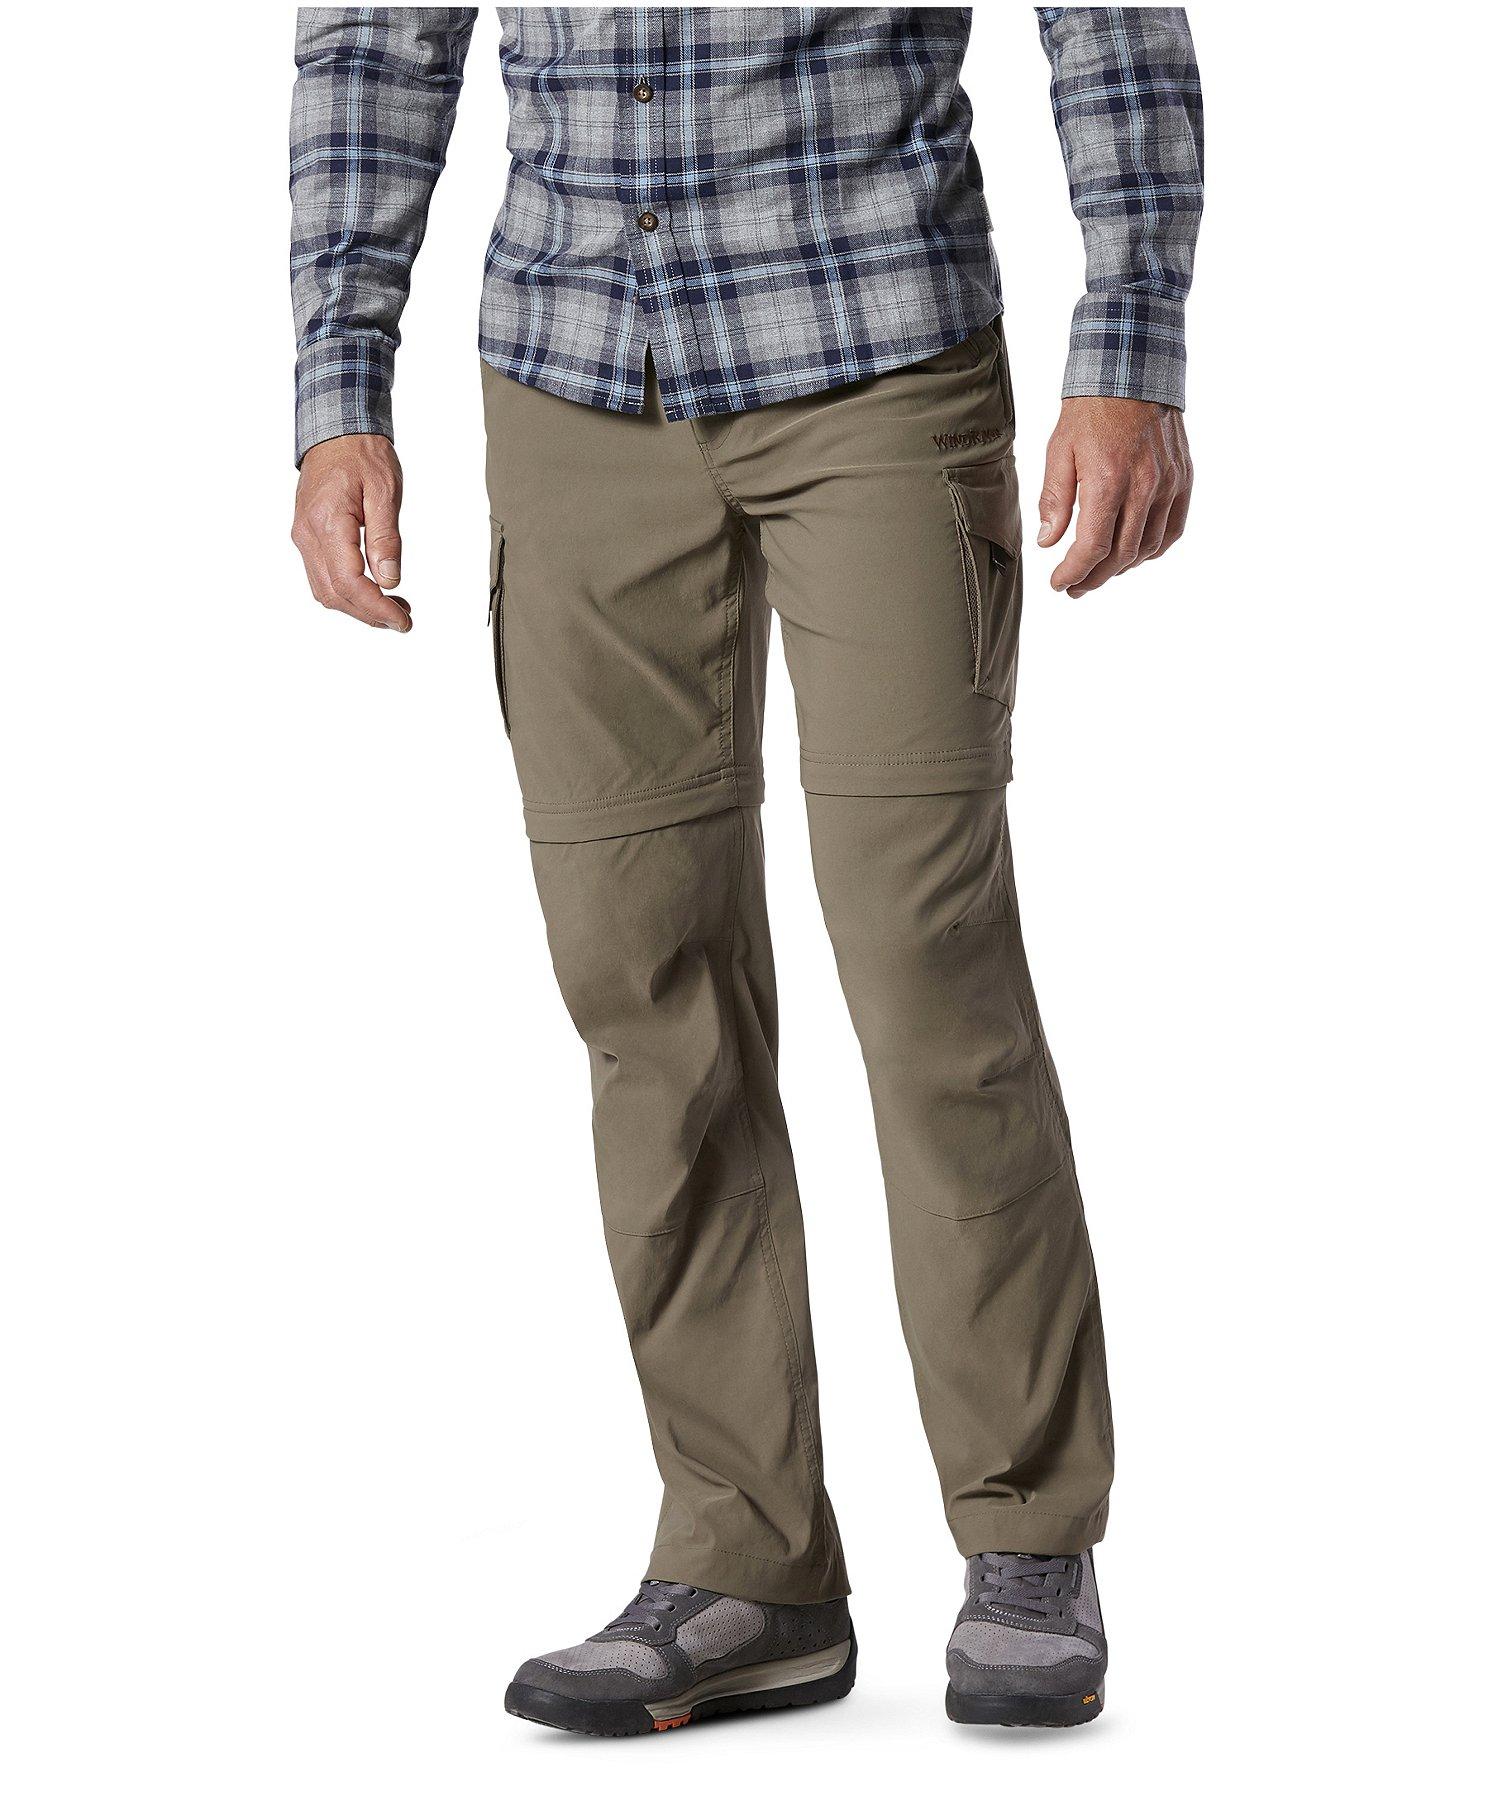 sortie d'usine brillance des couleurs couleurs harmonieuses Pantalon extensible à jambes amovibles à glissière pour hommes